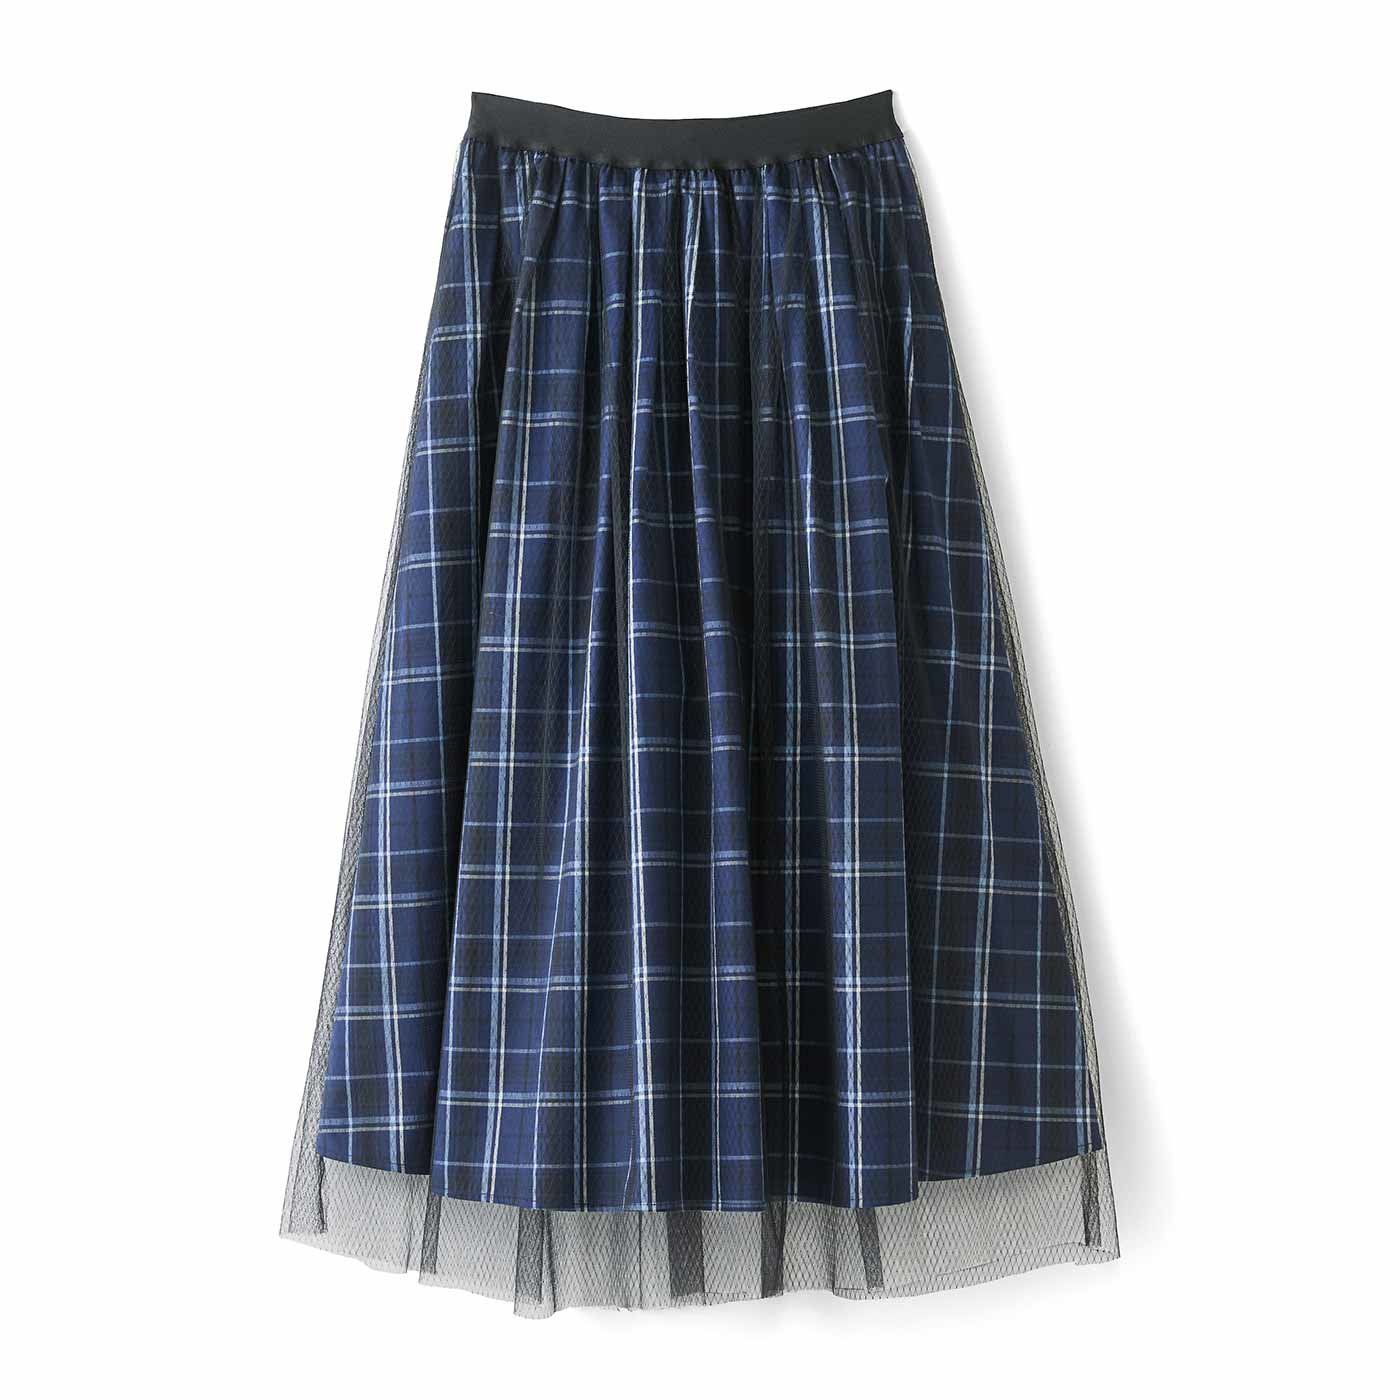 IEDIT[イディット] チュールレイヤードのチェック柄ロングスカート〈ネイビー〉